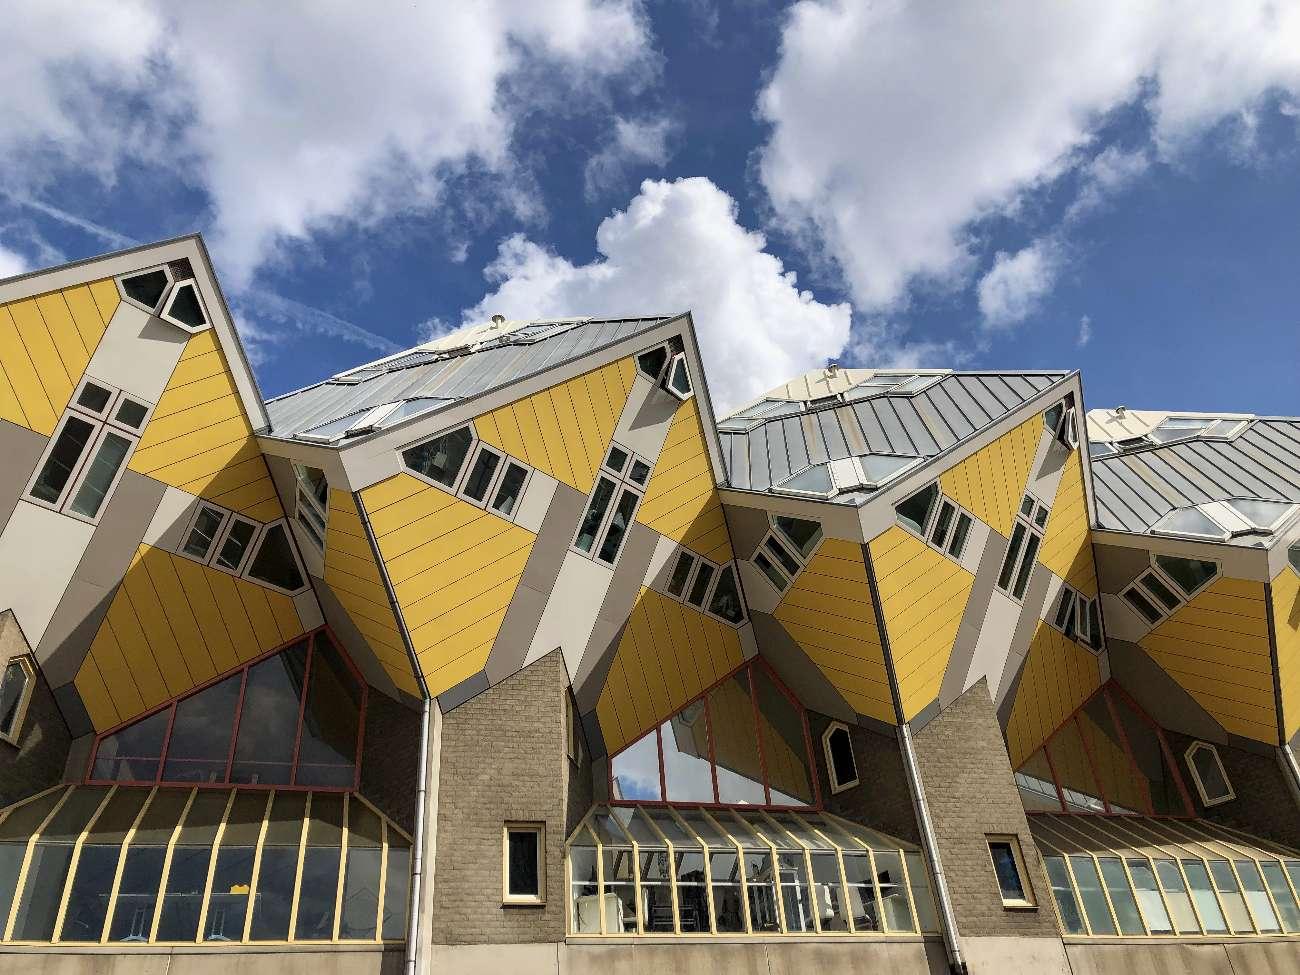 Die Kubuswohnungen von Piet Blom in Rotterdam